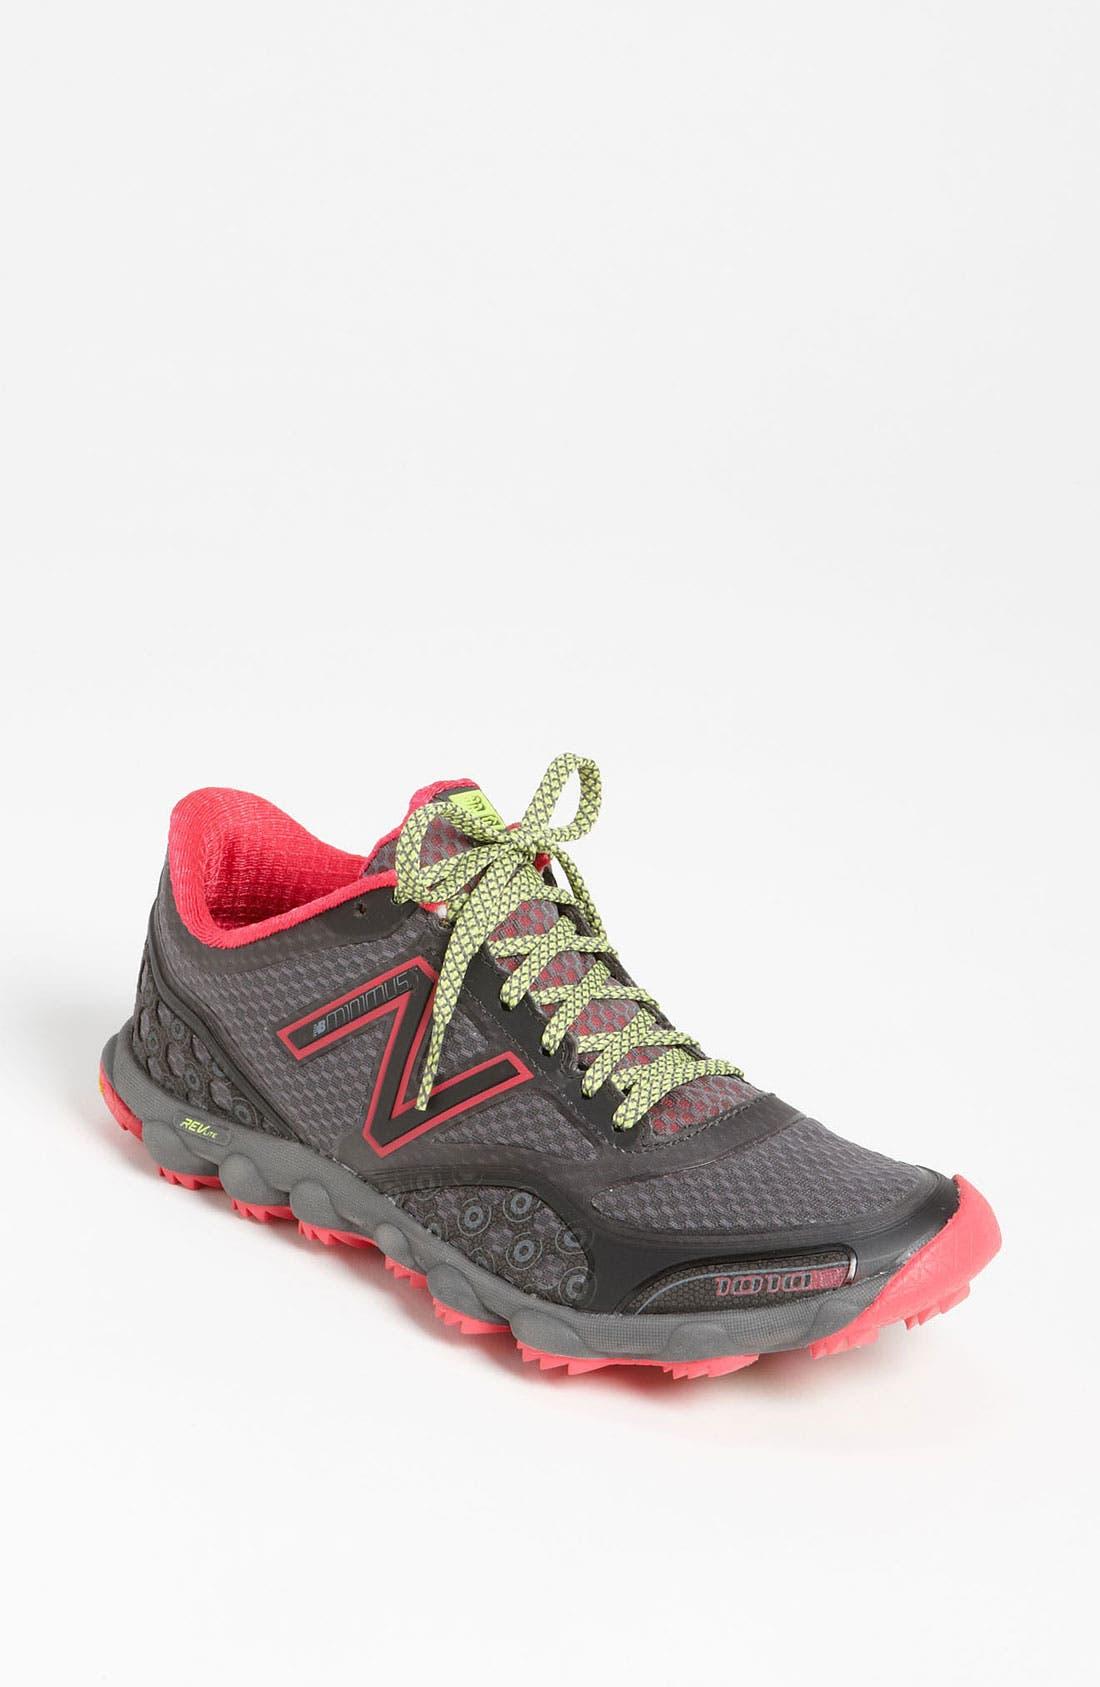 Alternate Image 1 Selected - New Balance '1010 Minimus Trail' Training Shoe (Women) (Regular Retail Price: $109.95)